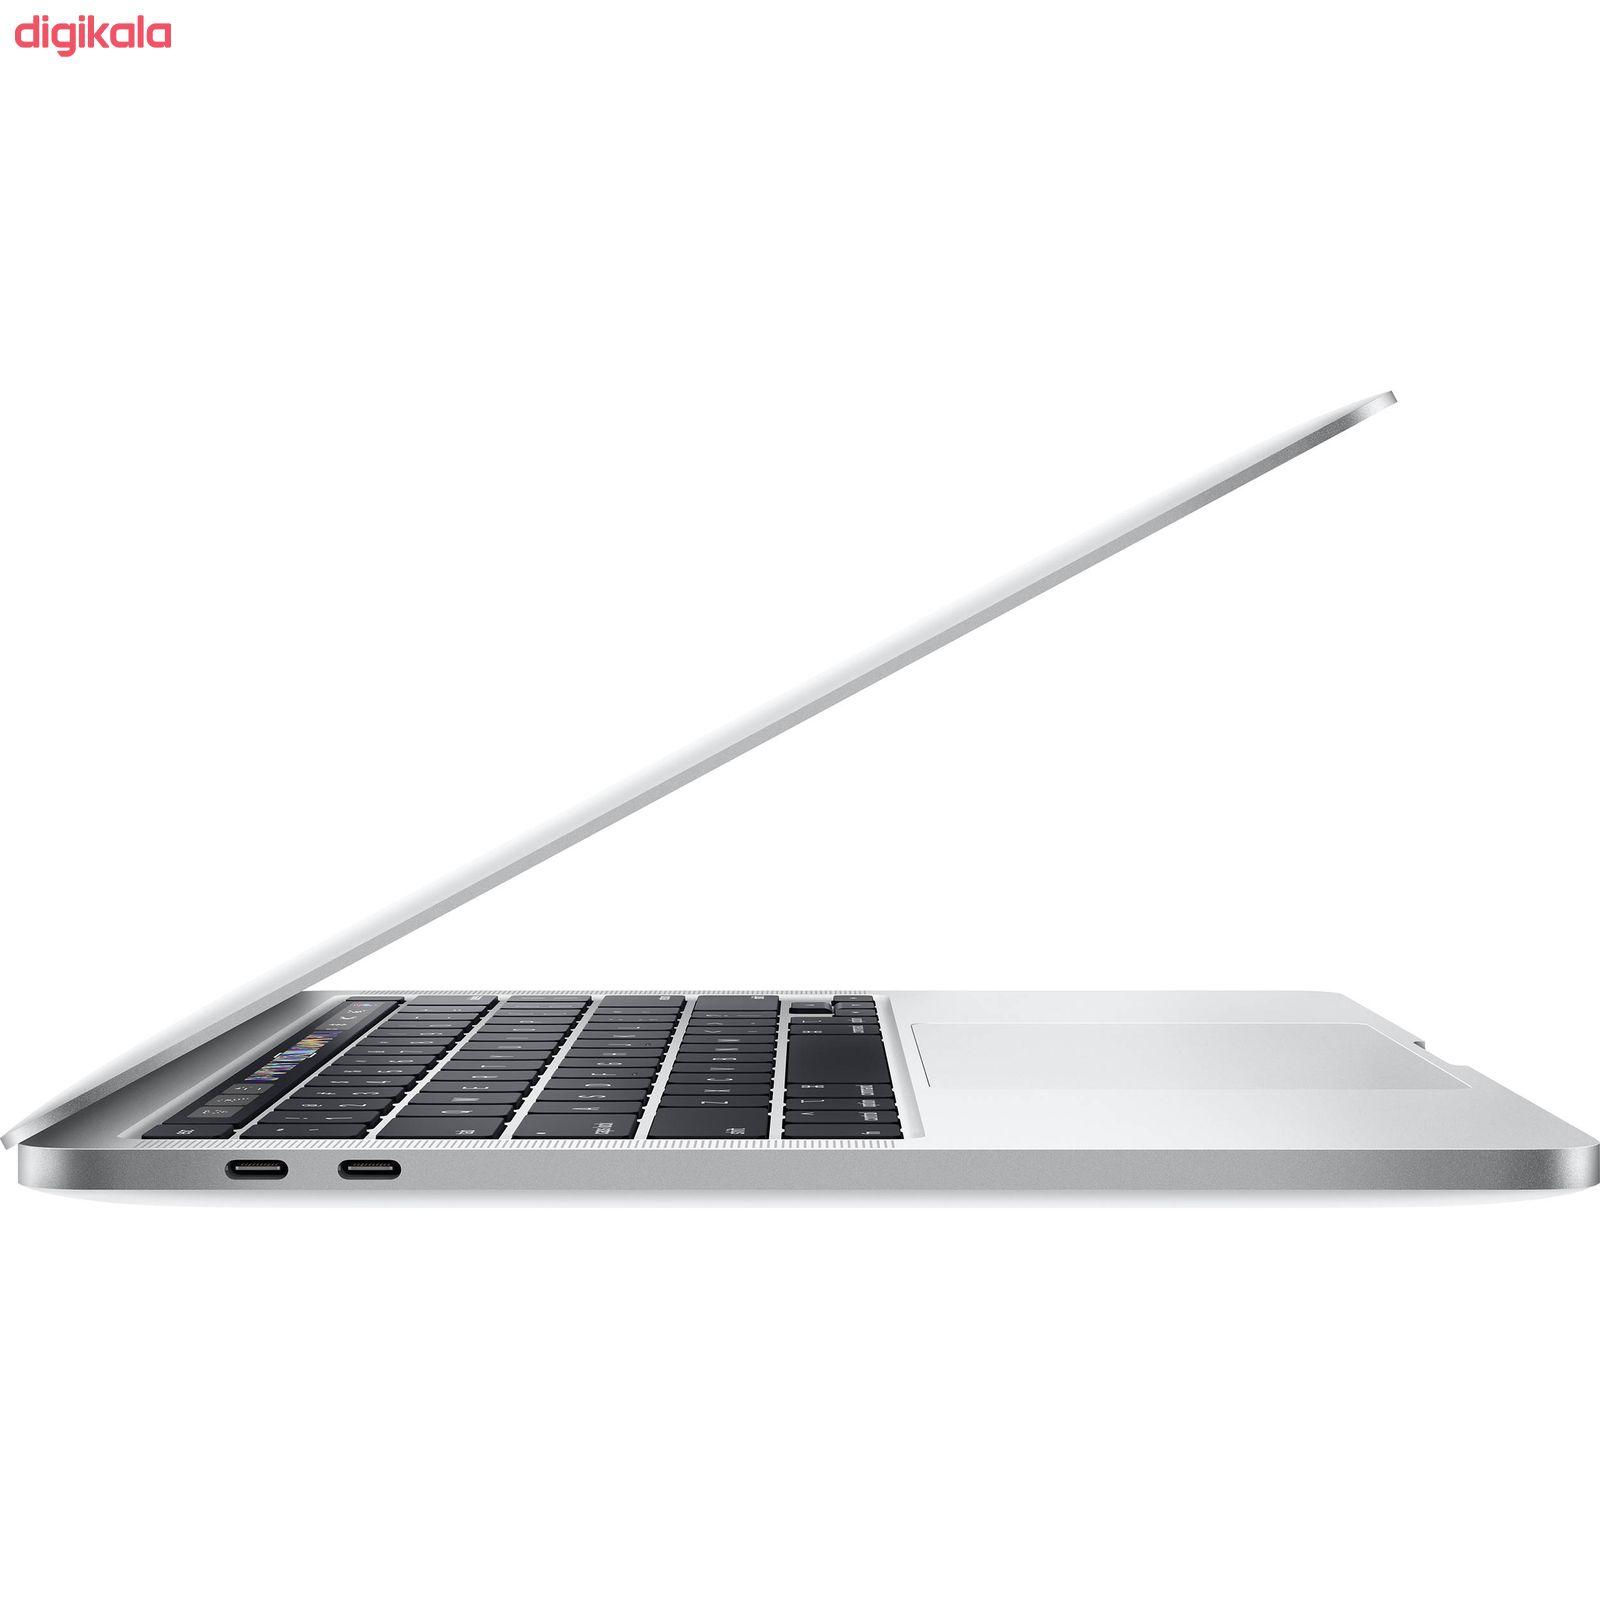 لپ تاپ 13 اینچی اپل مدل MacBook Pro MWP82 2020 همراه با تاچ بار  main 1 2